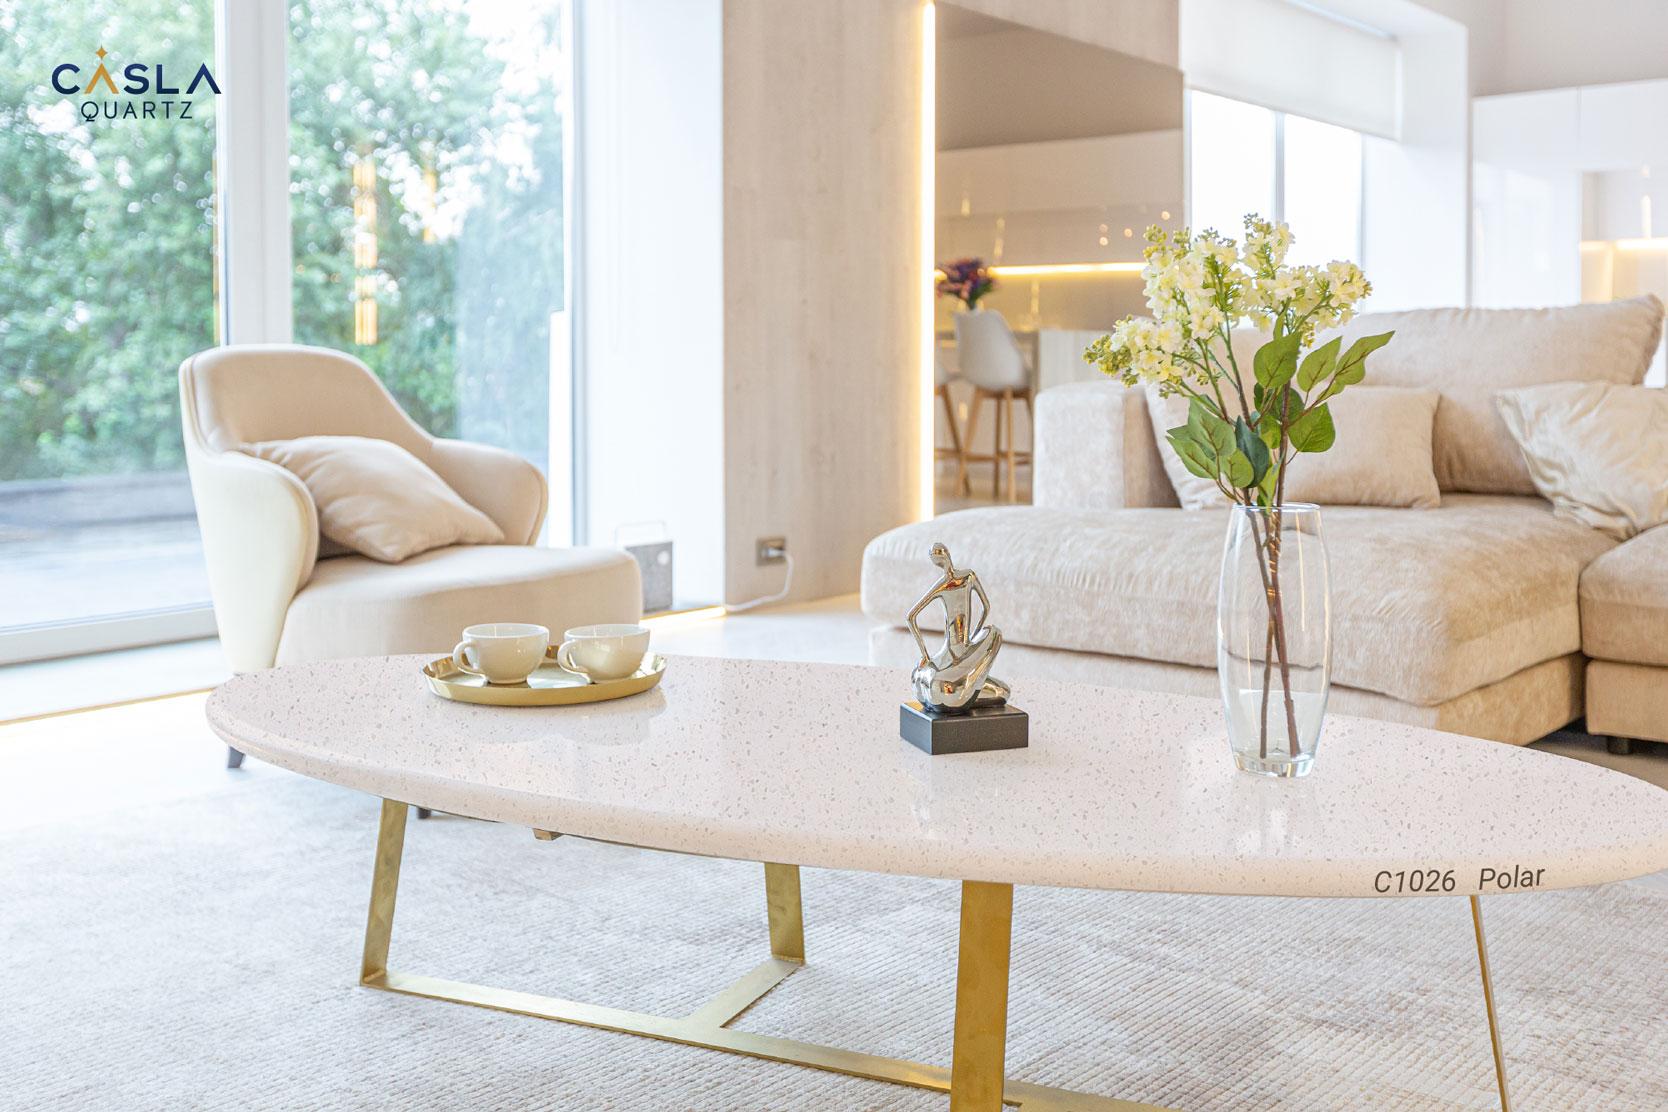 Đá thạch anh Polar làm mặt bàn trà ở phòng khách